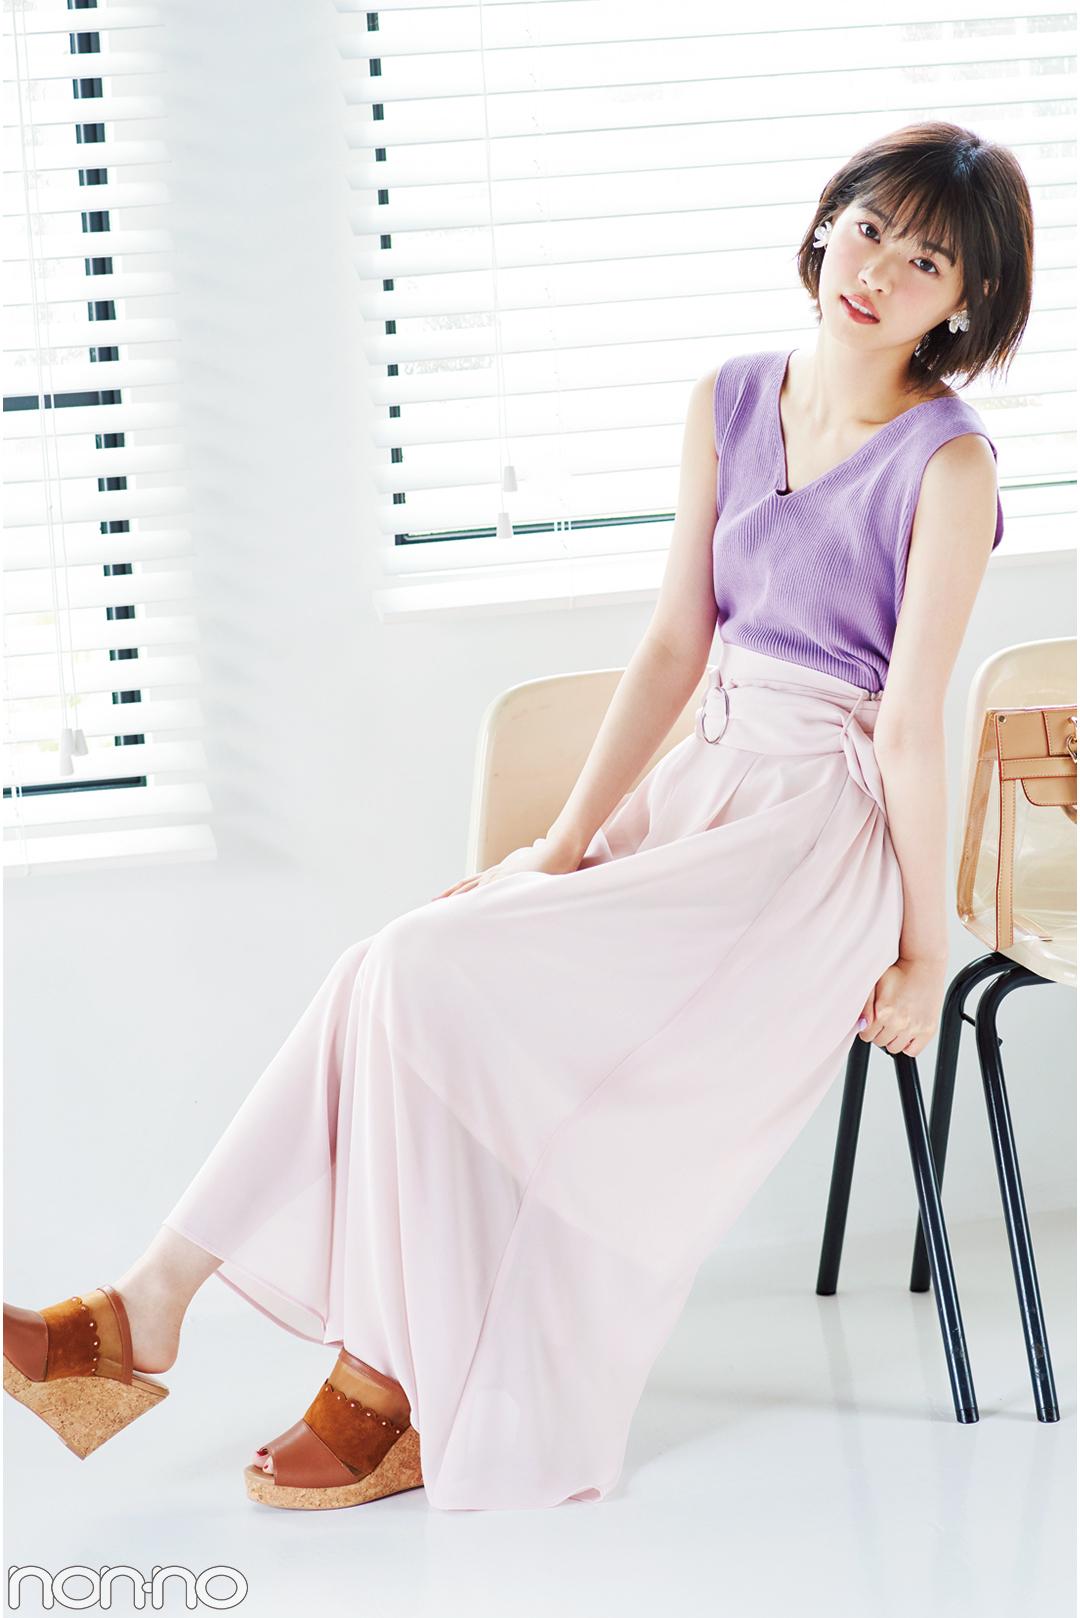 西野七瀬が着る♡ フェミピンクのスカパン、夏コーデ3選!_1_3-3